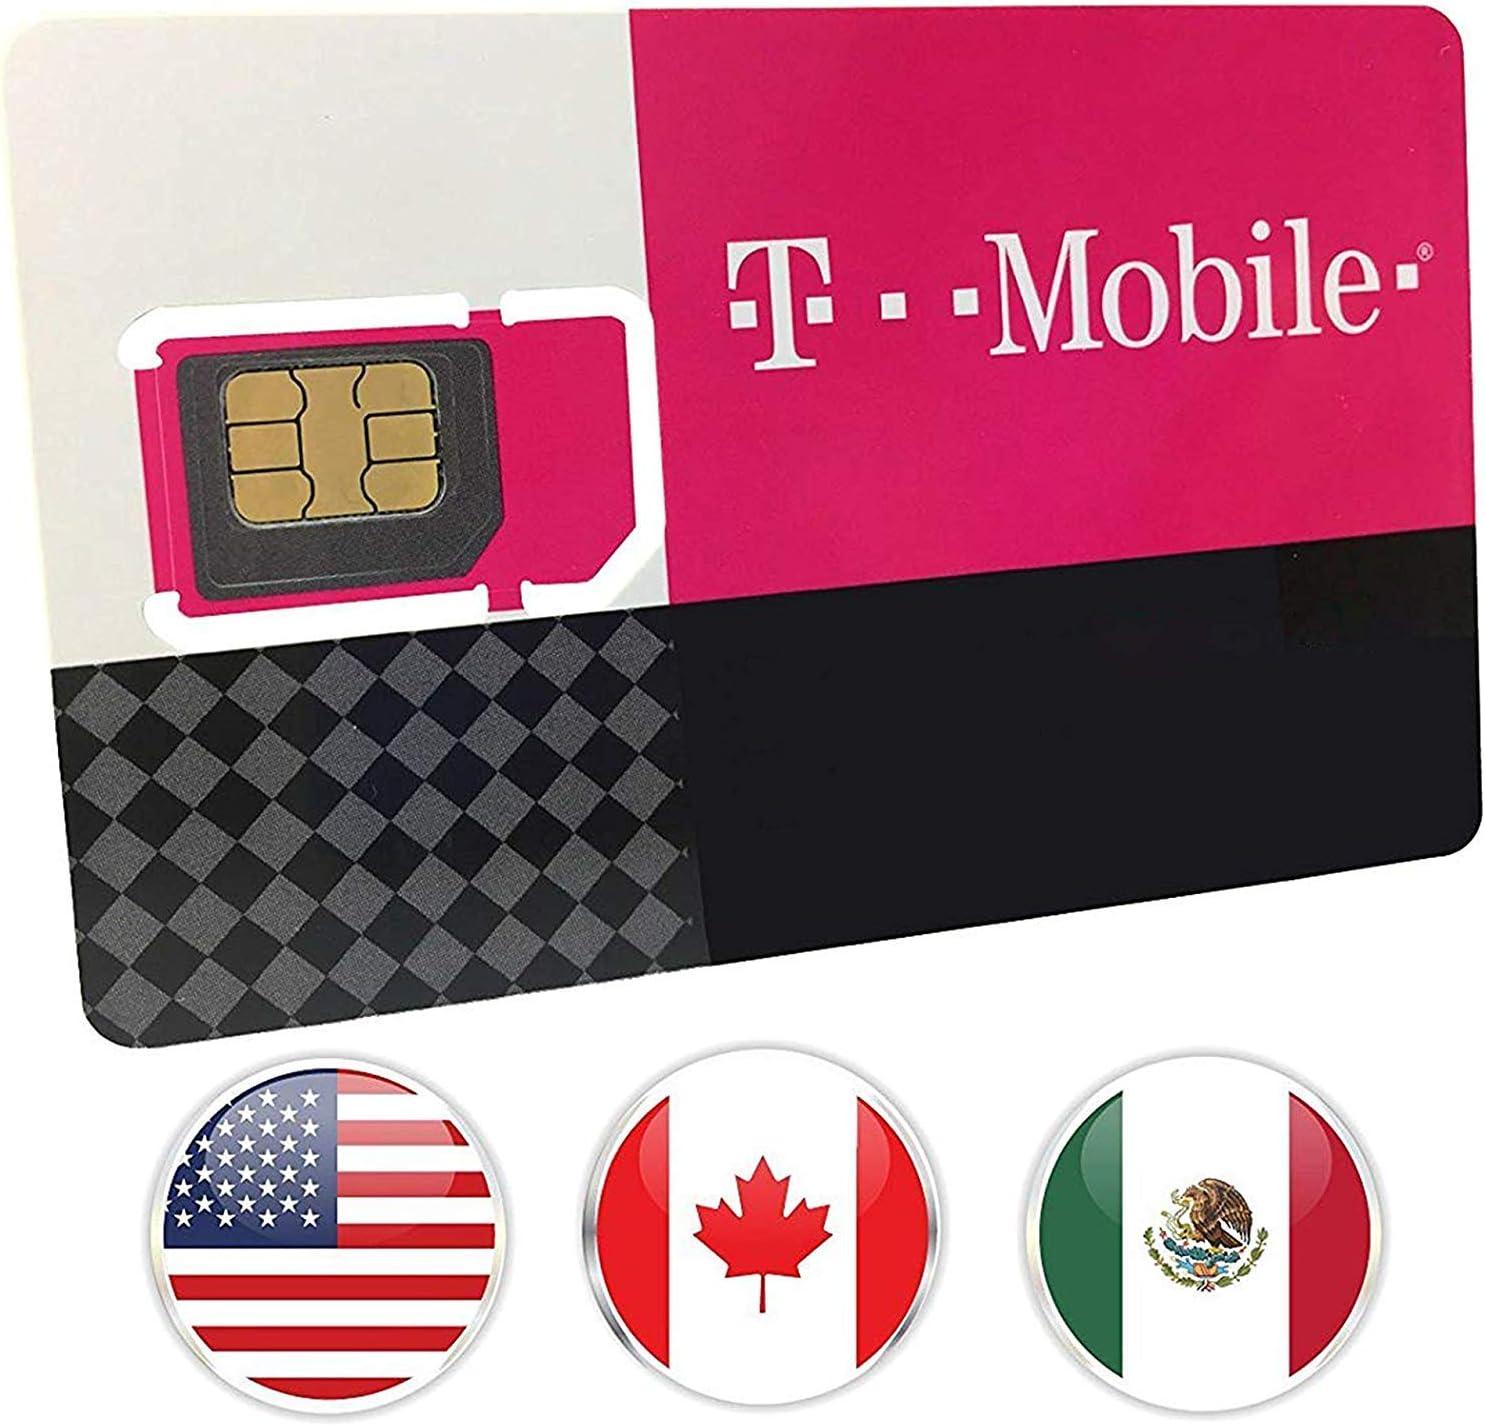 Tarjeta SIM prepagada USA Canad/á y M/éxico AT/&T Network Precargada 22 GB 4G LTE Datos y Llamadas y Textos ilimitados 9 d/ías